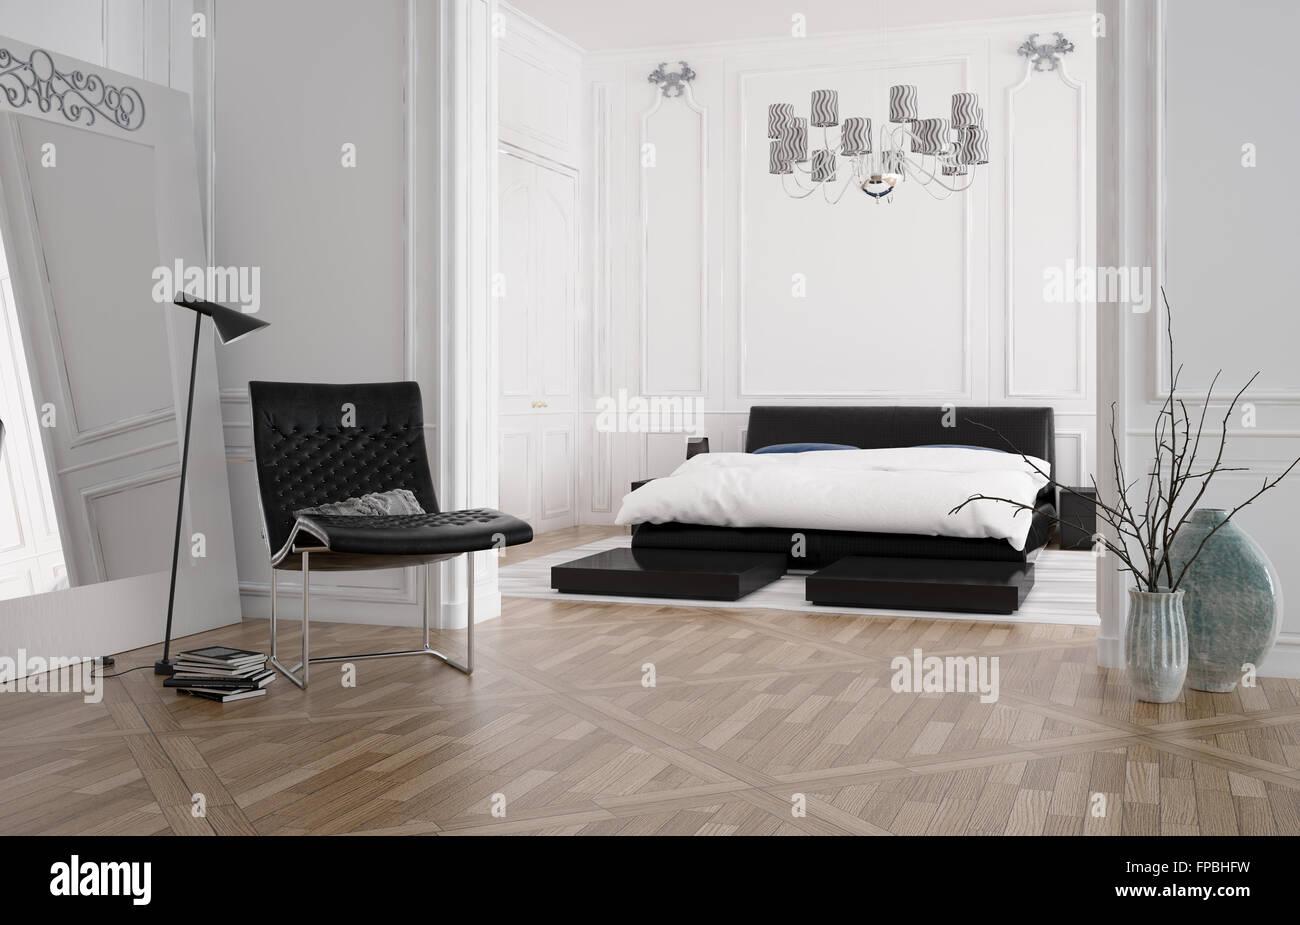 3d Render Of A Chambre A Coucher Spacieuse Et Moderne Avec Un Interieur Lit Encastre Dans Une Alcove Et Lambris En Bois Blanc Sur Les Murs Avec Un Parquet En Bois Lampe